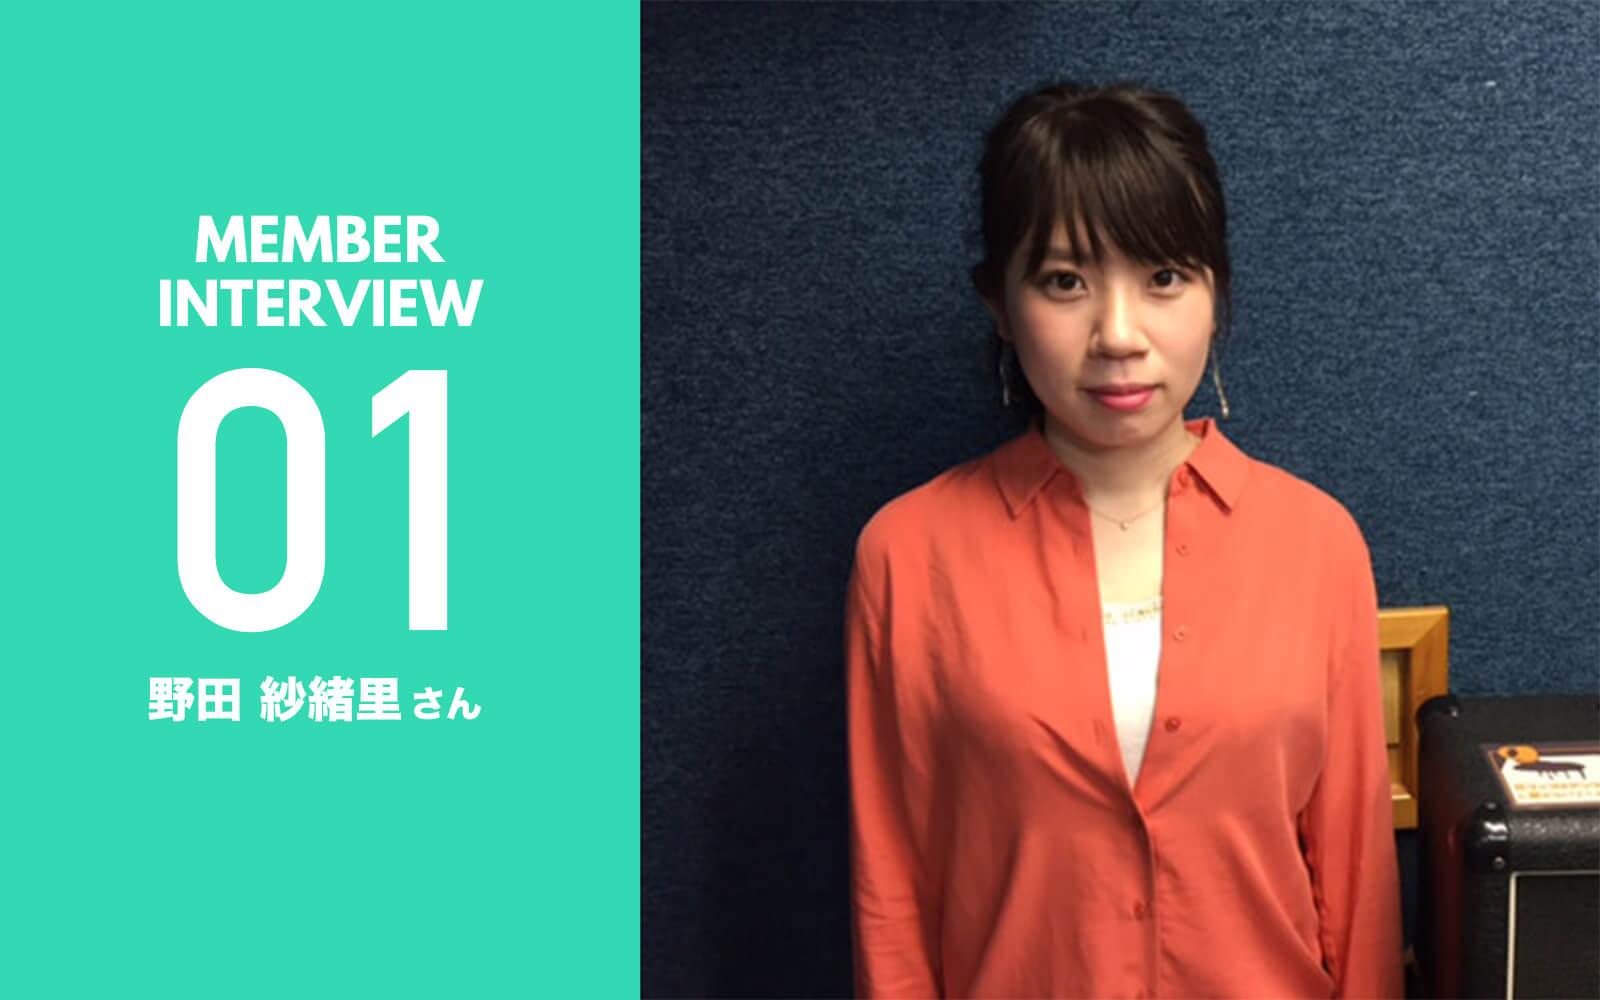 メンバーインタビュー01 野田 紗緒里様